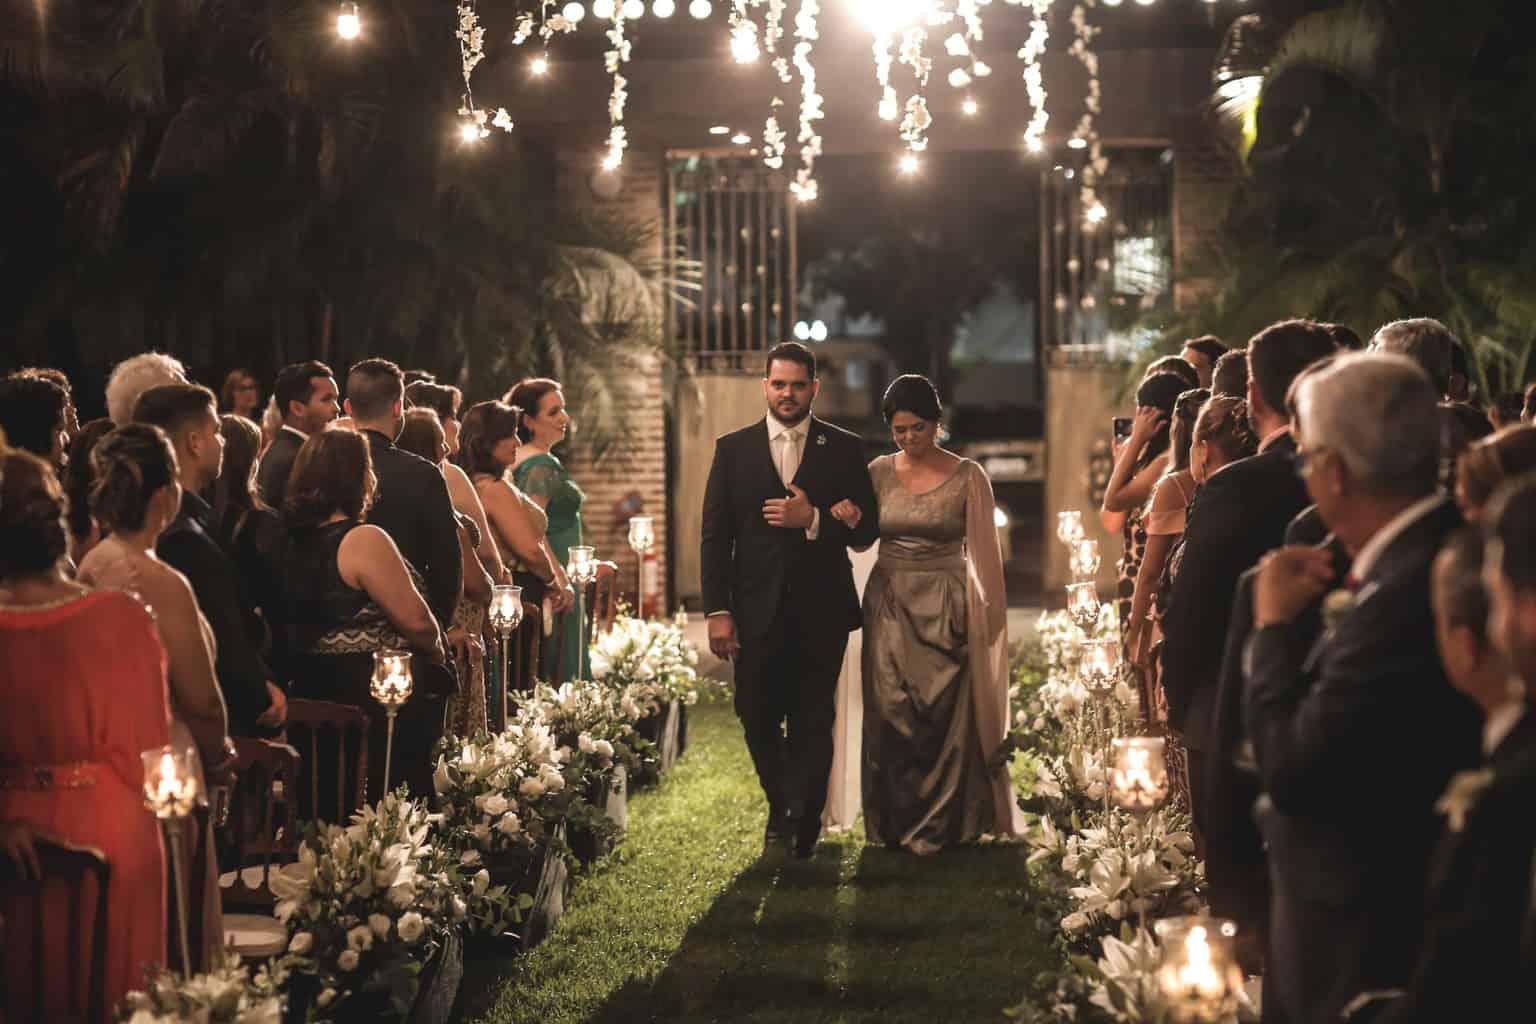 casamento-Juliana-e-Eduardo-cerimonia-Fotografia-Ricardo-Nascimento-e-Thereza-magno-Usina-dois-irmãos44